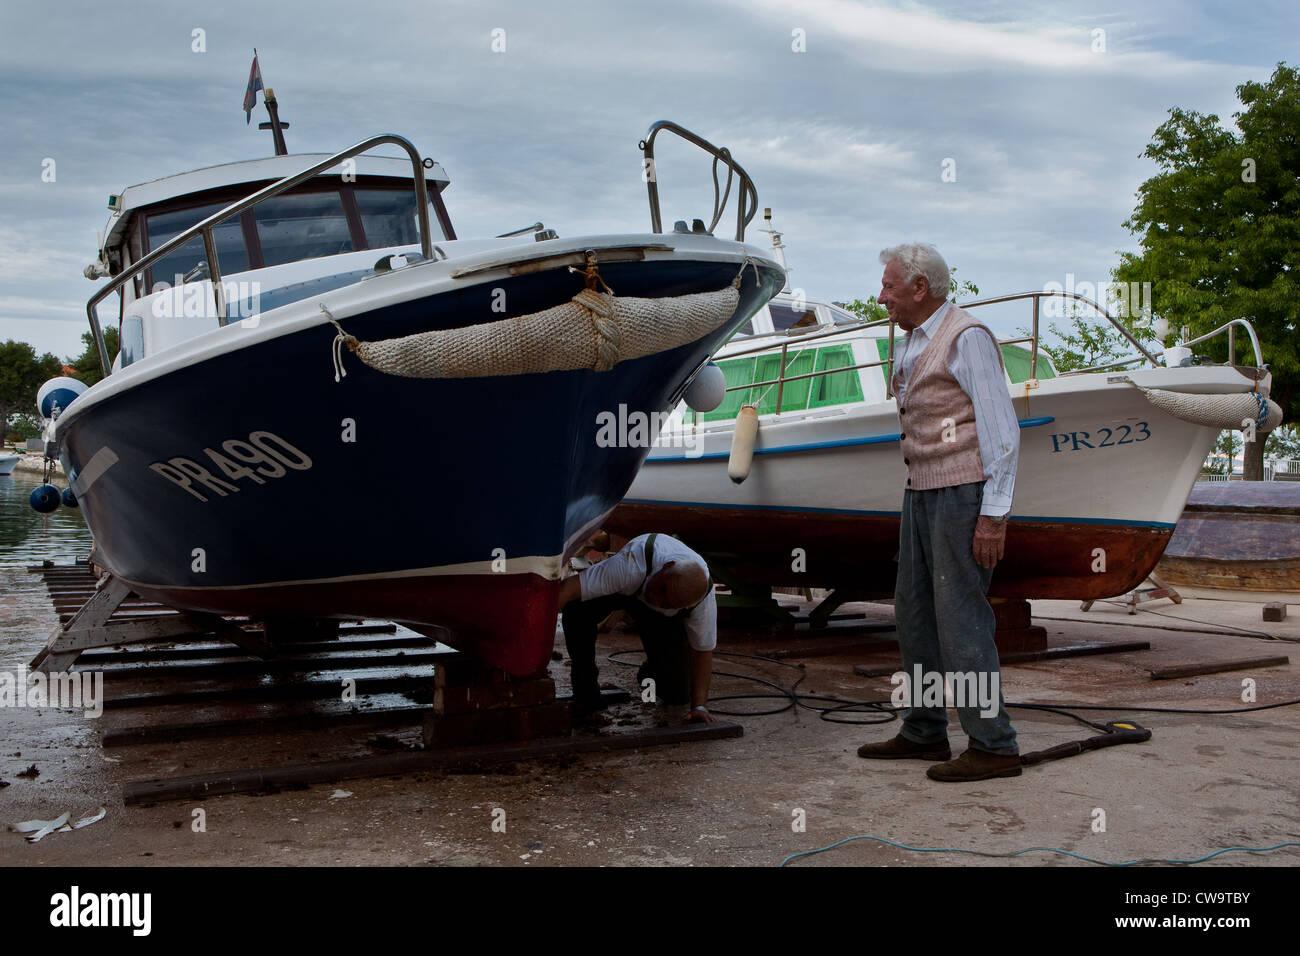 Man repairing boats in small port Poljana, island Ugljan, Dalmatia, Croatia - Stock Image